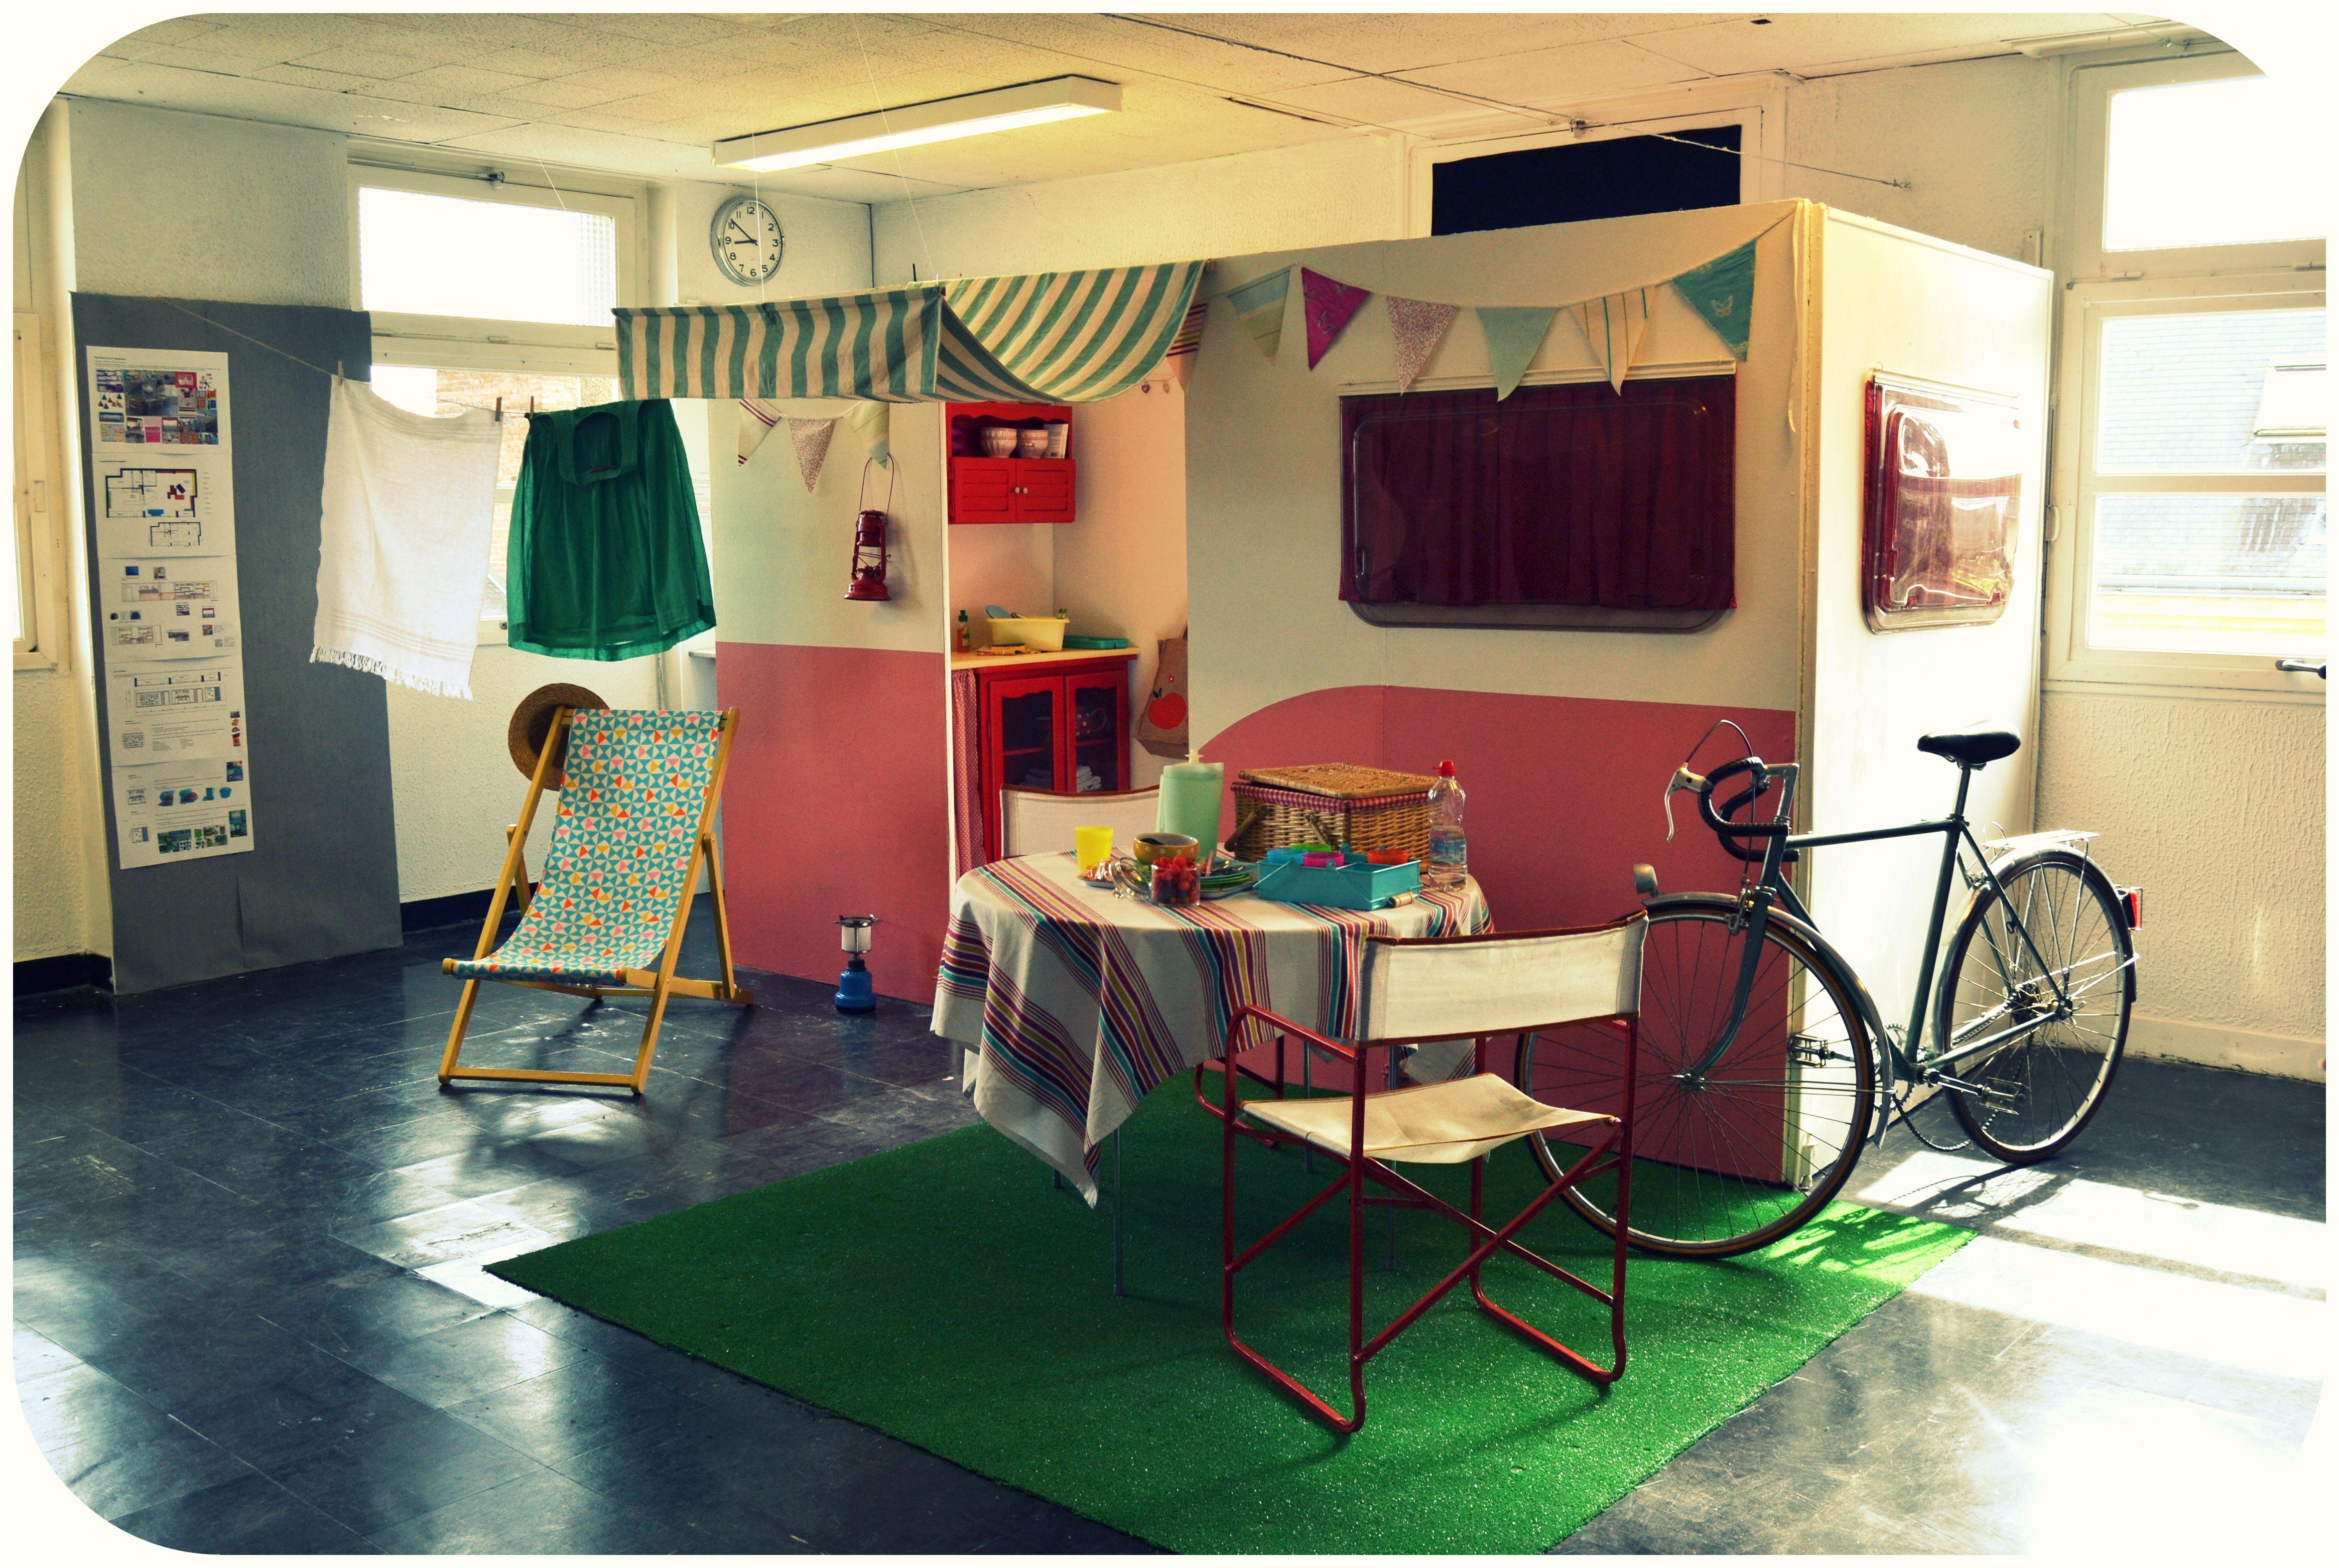 Scenographie Caravane Realisee Par Les Etudiants En Decoration